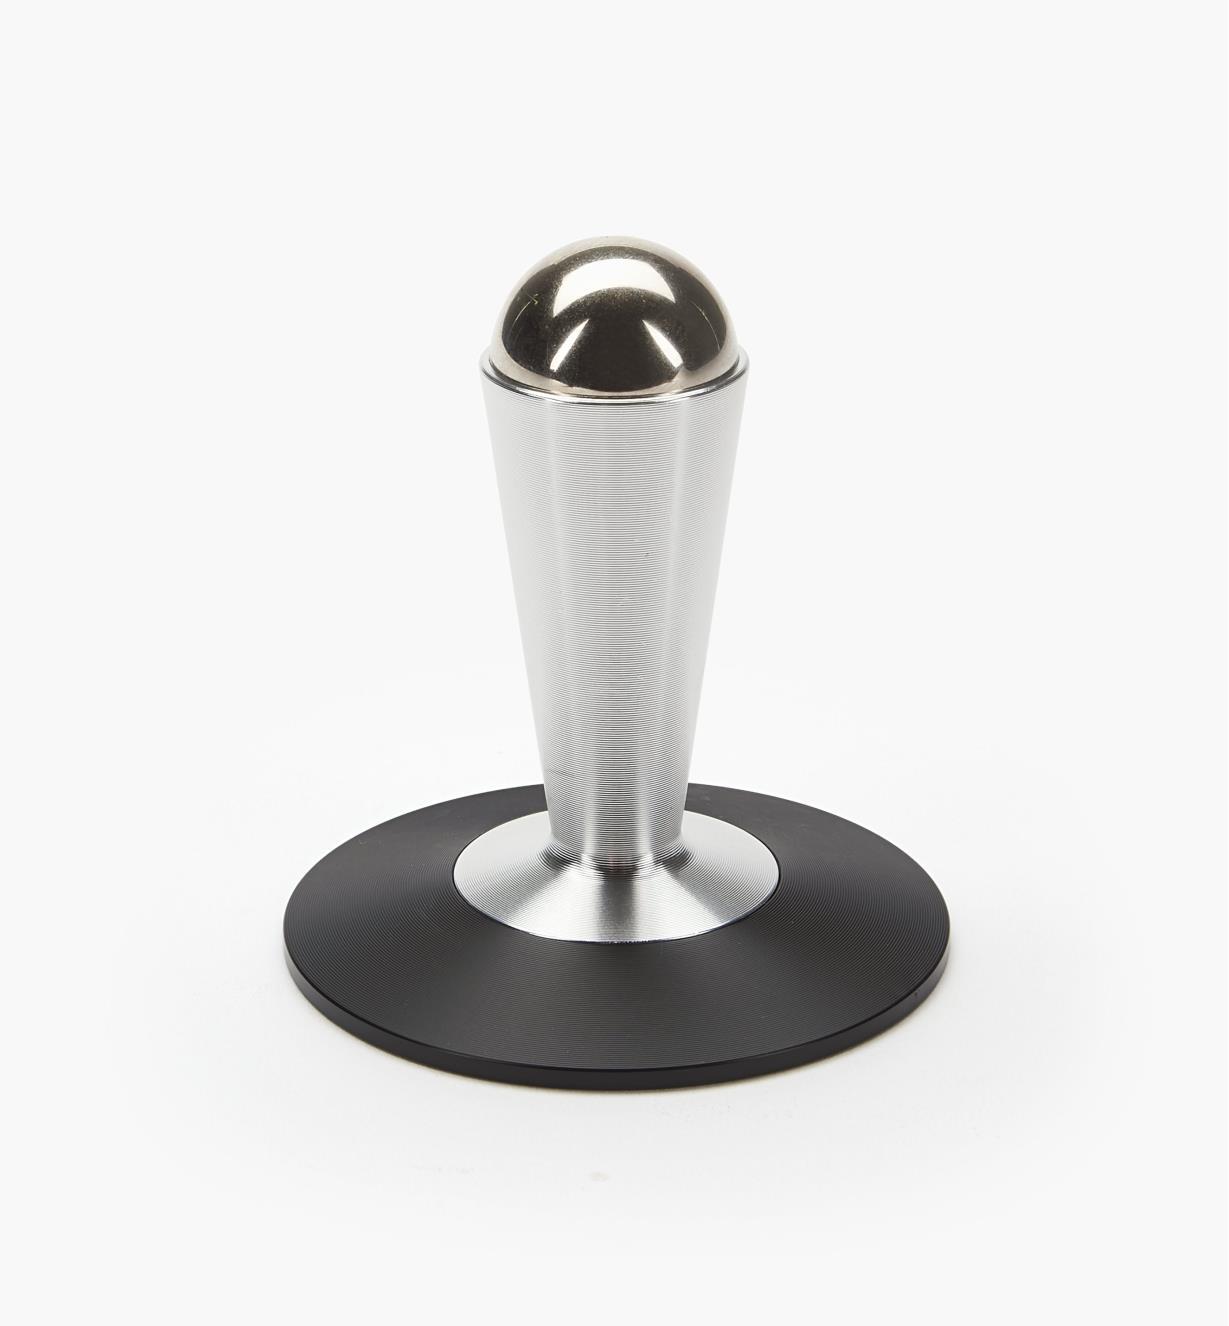 68K0793 - Extra Pedestal (no magnet)